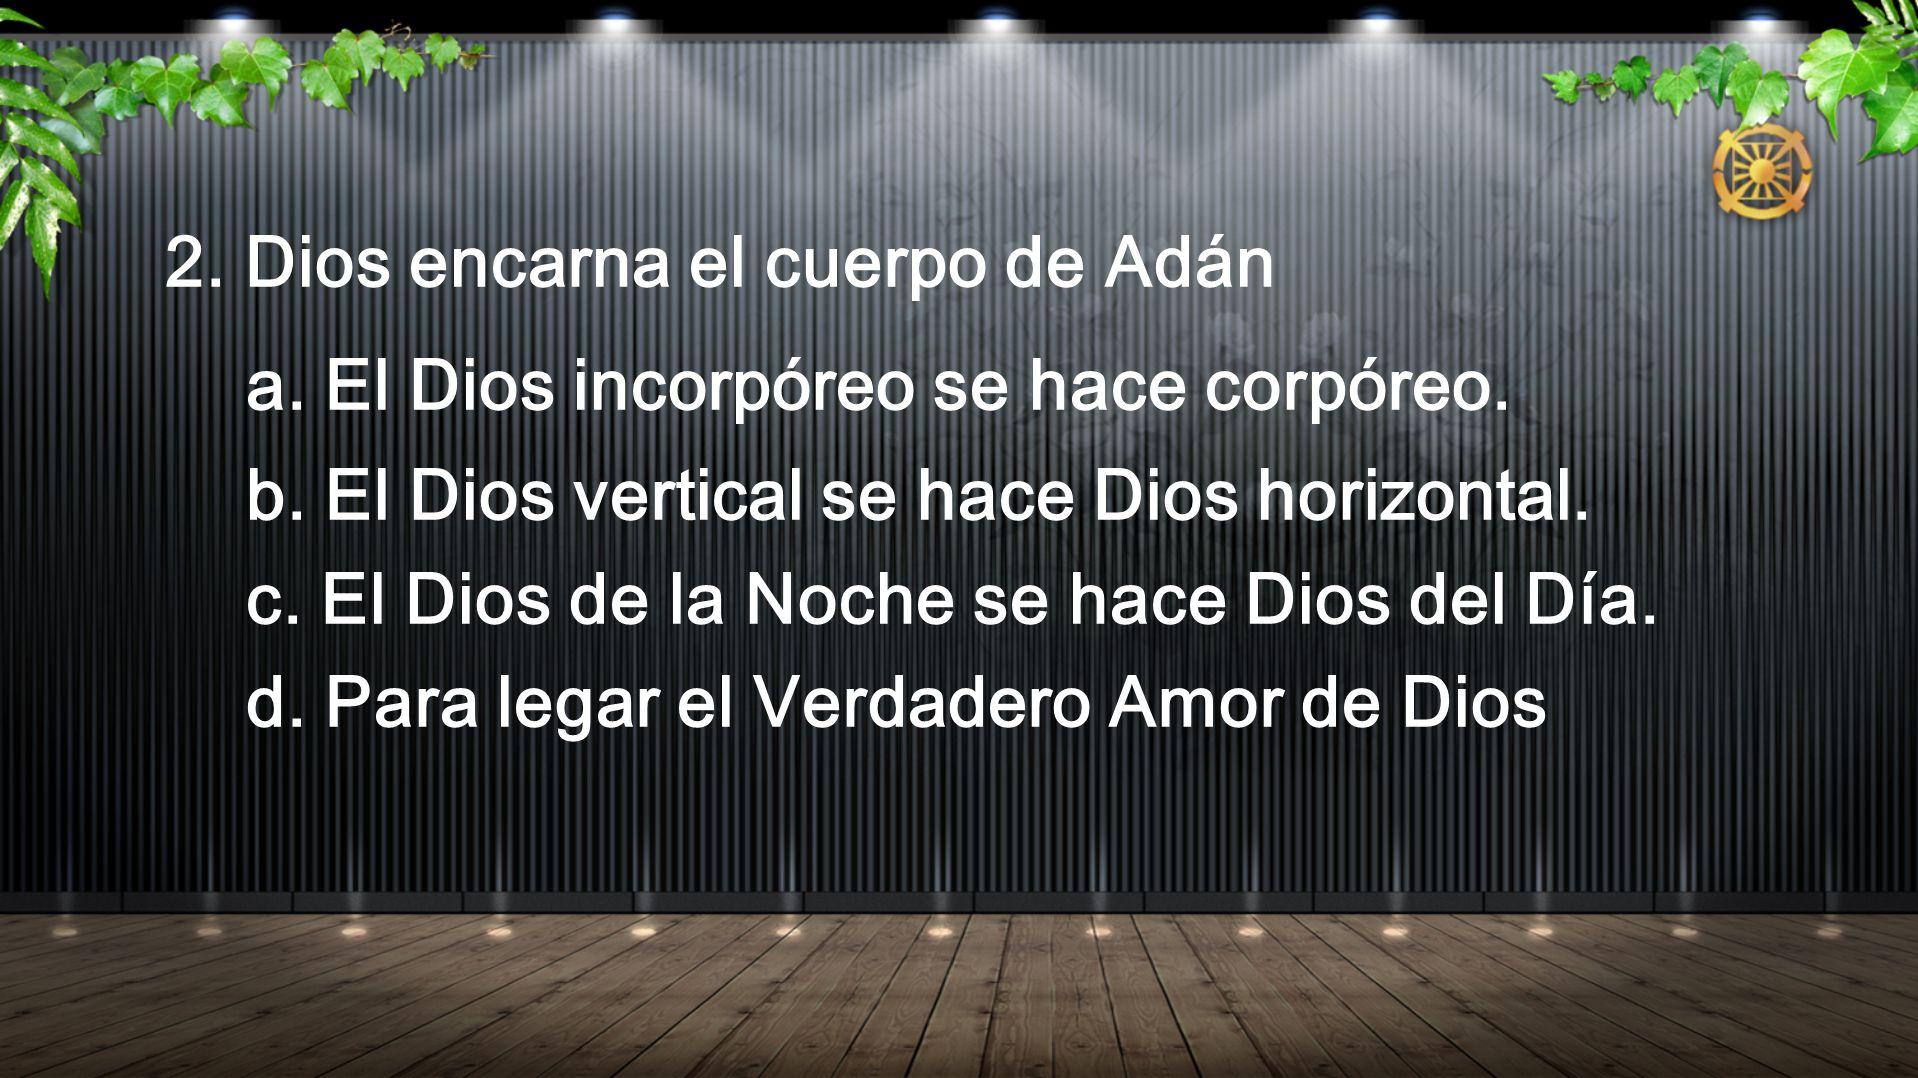 2. Dios encarna el cuerpo de Adán